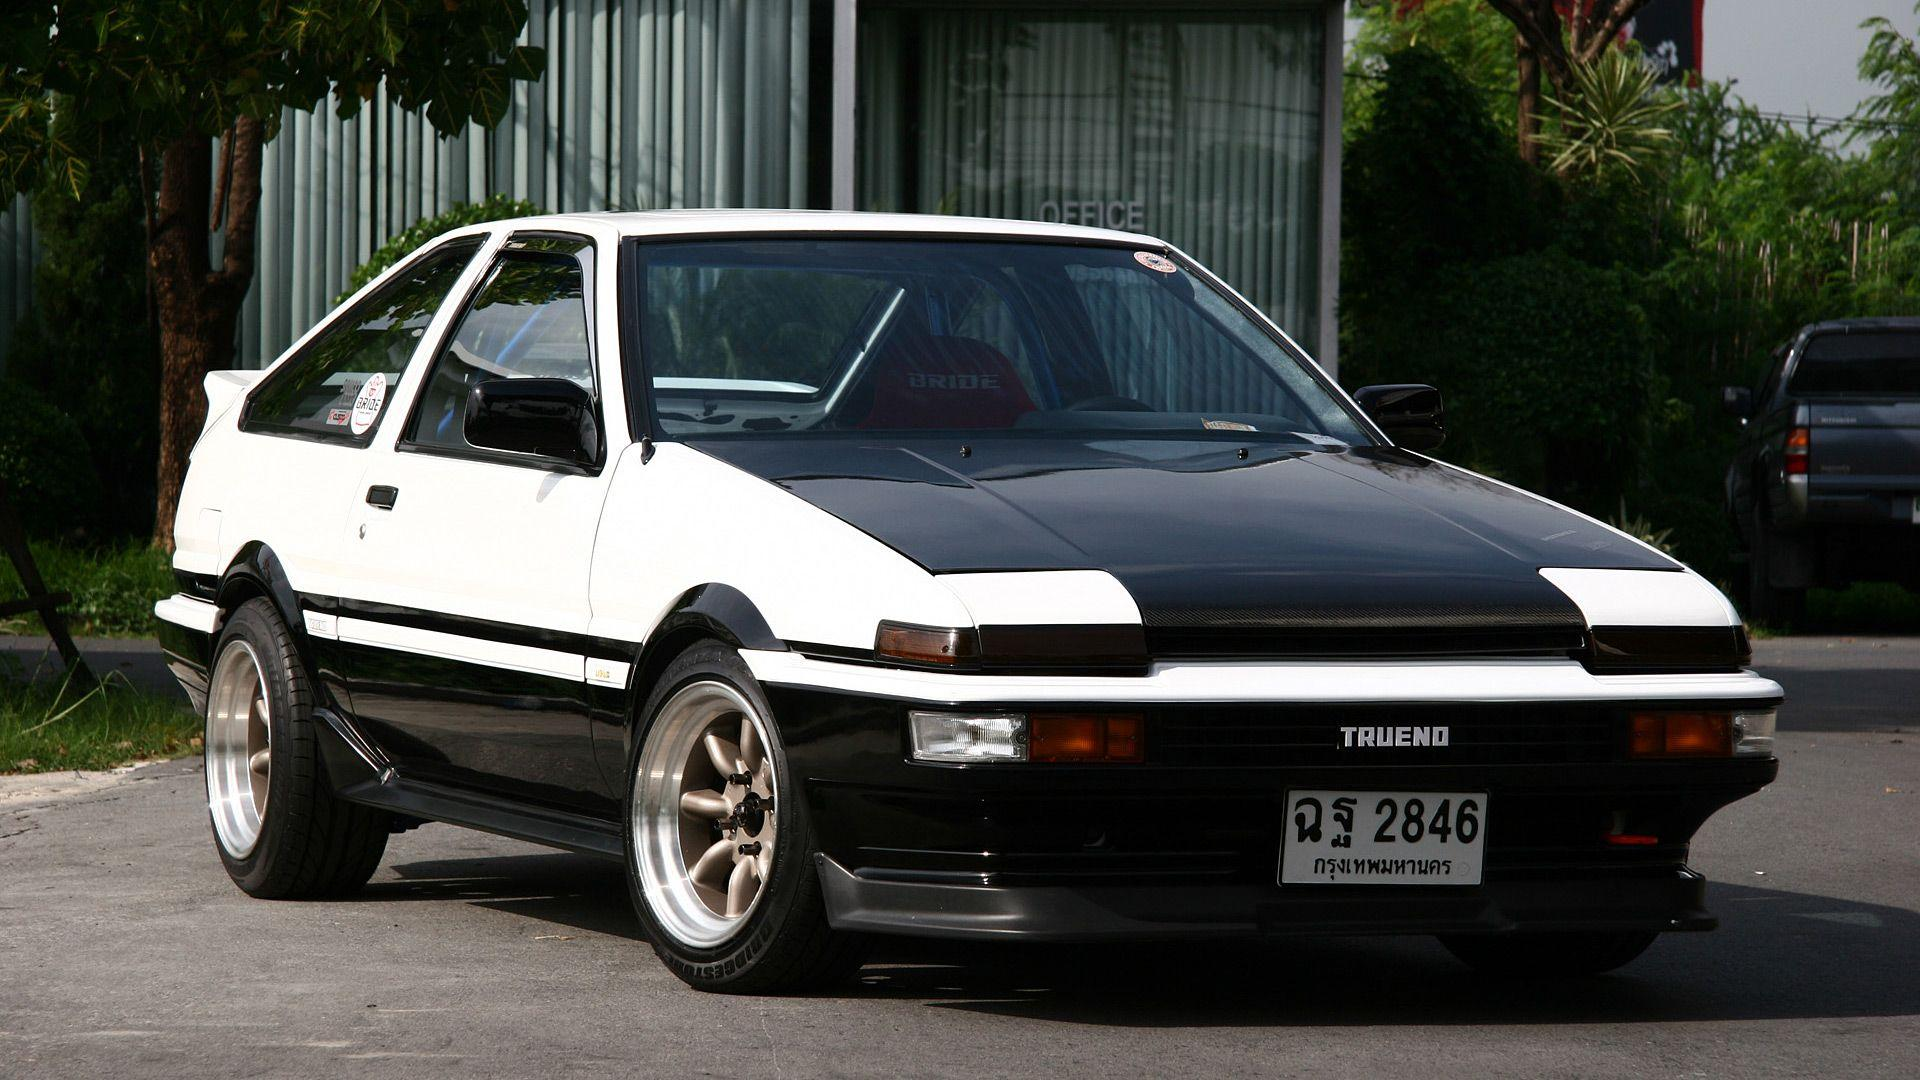 Kelebihan Toyota Ae86 Trueno Harga